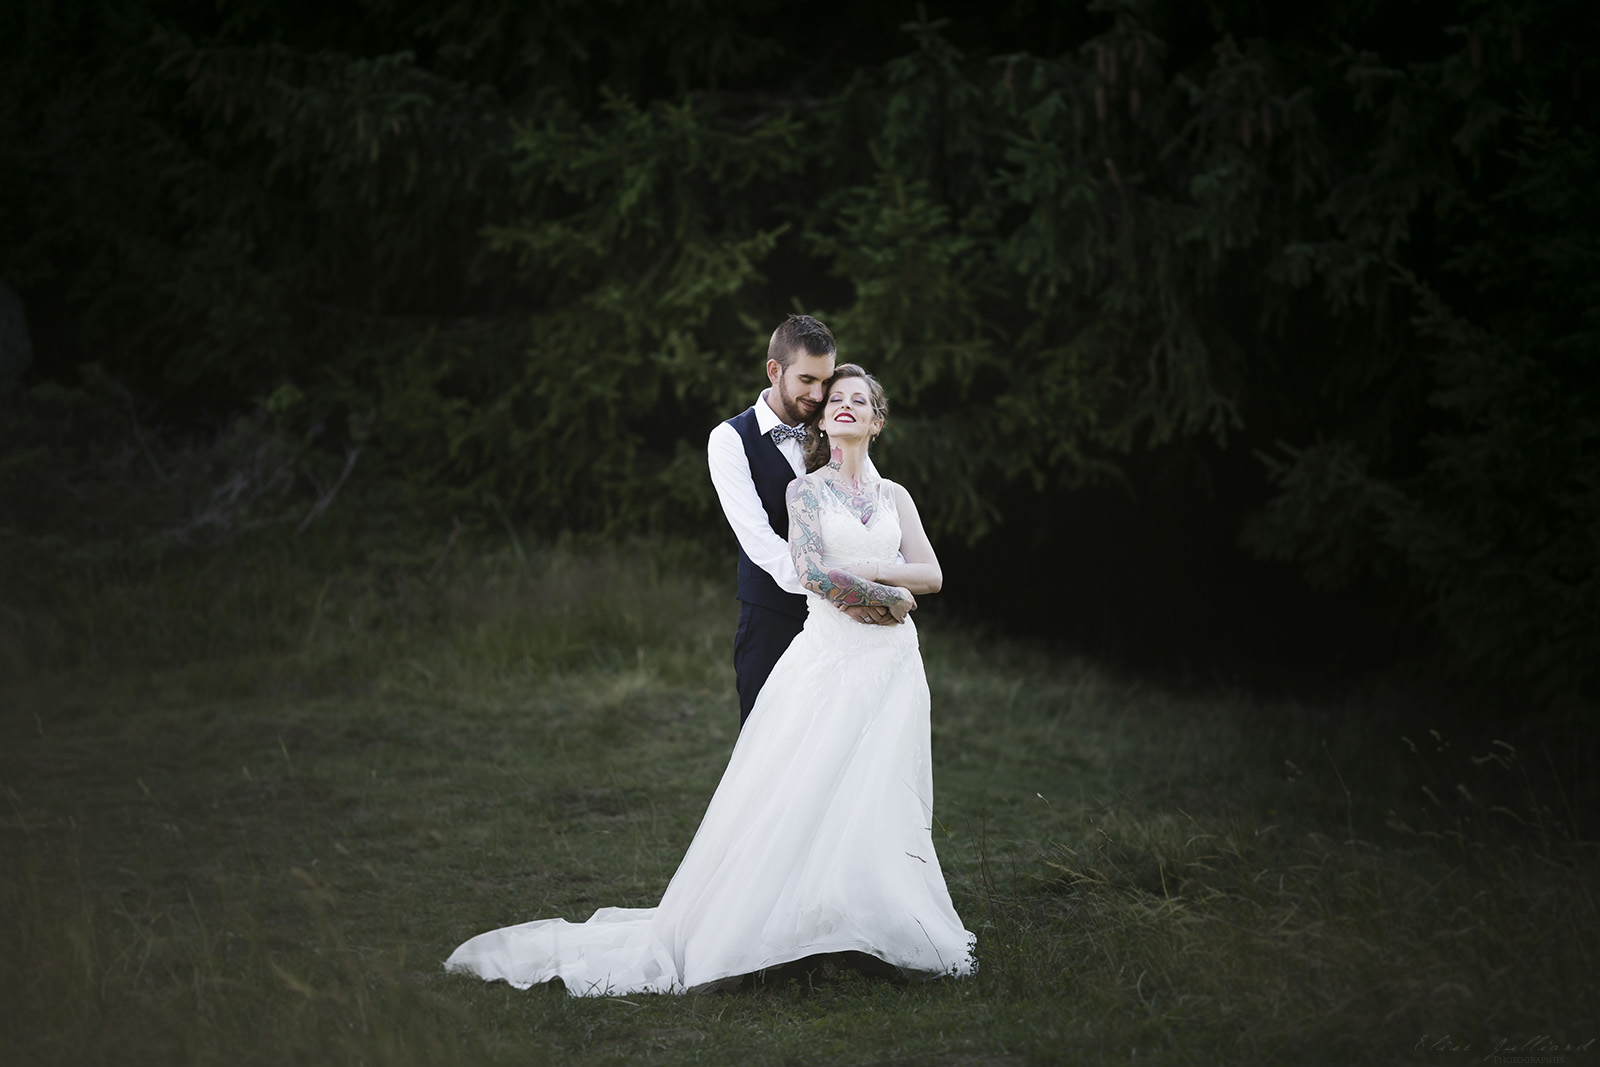 mariage-reportage-seance-couple-amour-amoureux-wedding-photographe-elise-julliard-lyon-auvergne-rhone-alpes-savoie-saint-francois-longchamp-maurienne-4